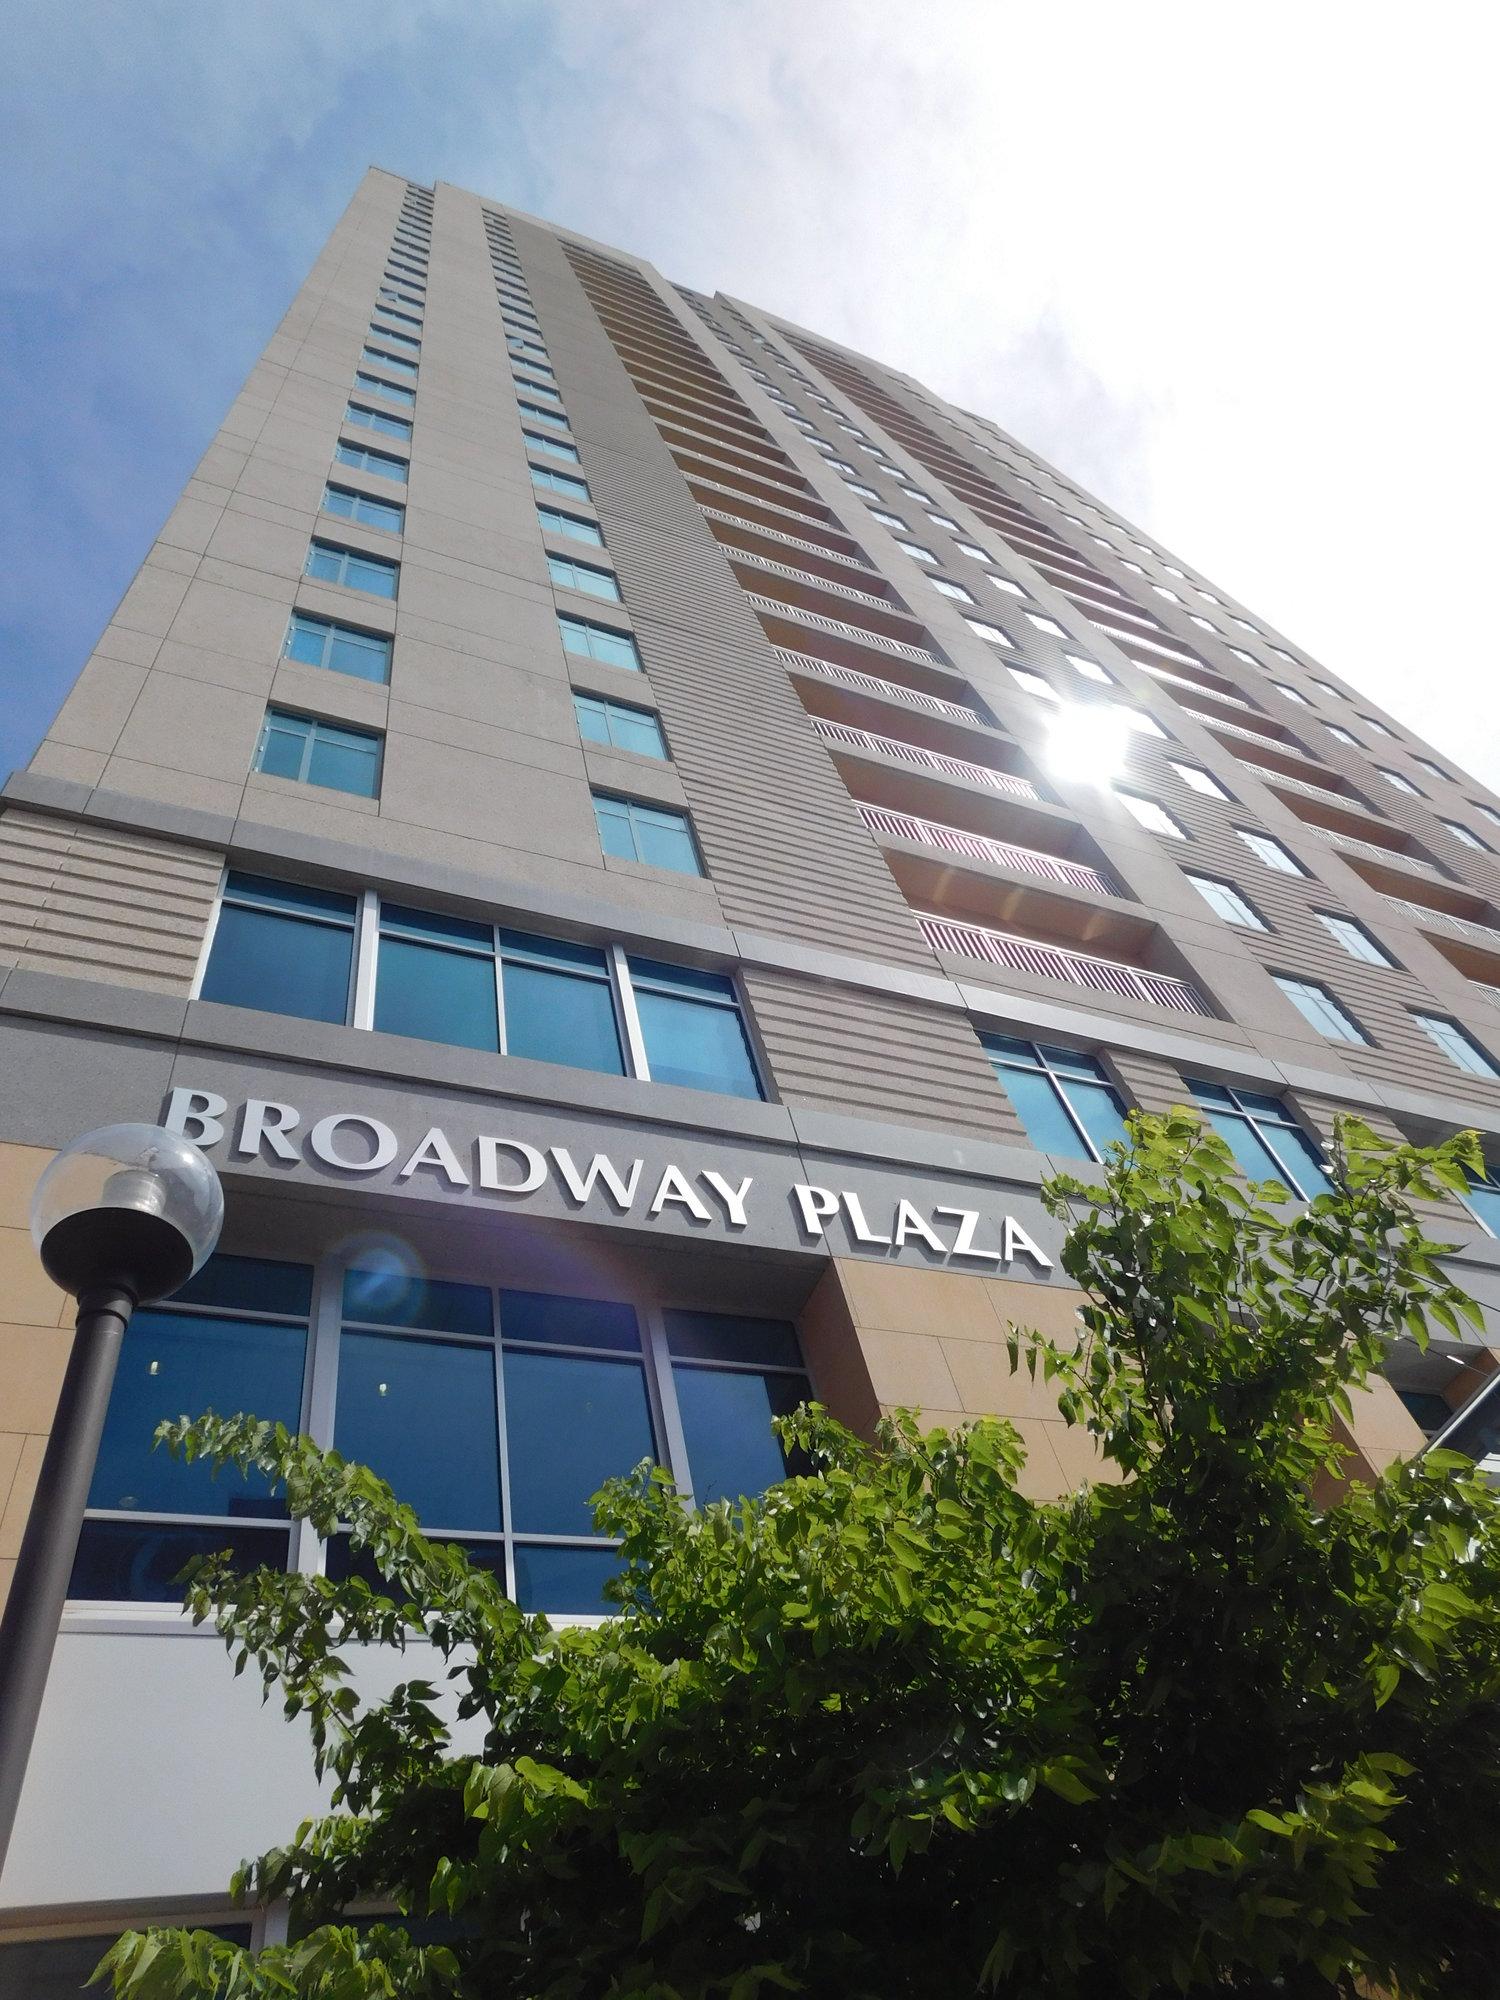 Broadway Plaza — About Broadway Plaza - Mayo Clinic